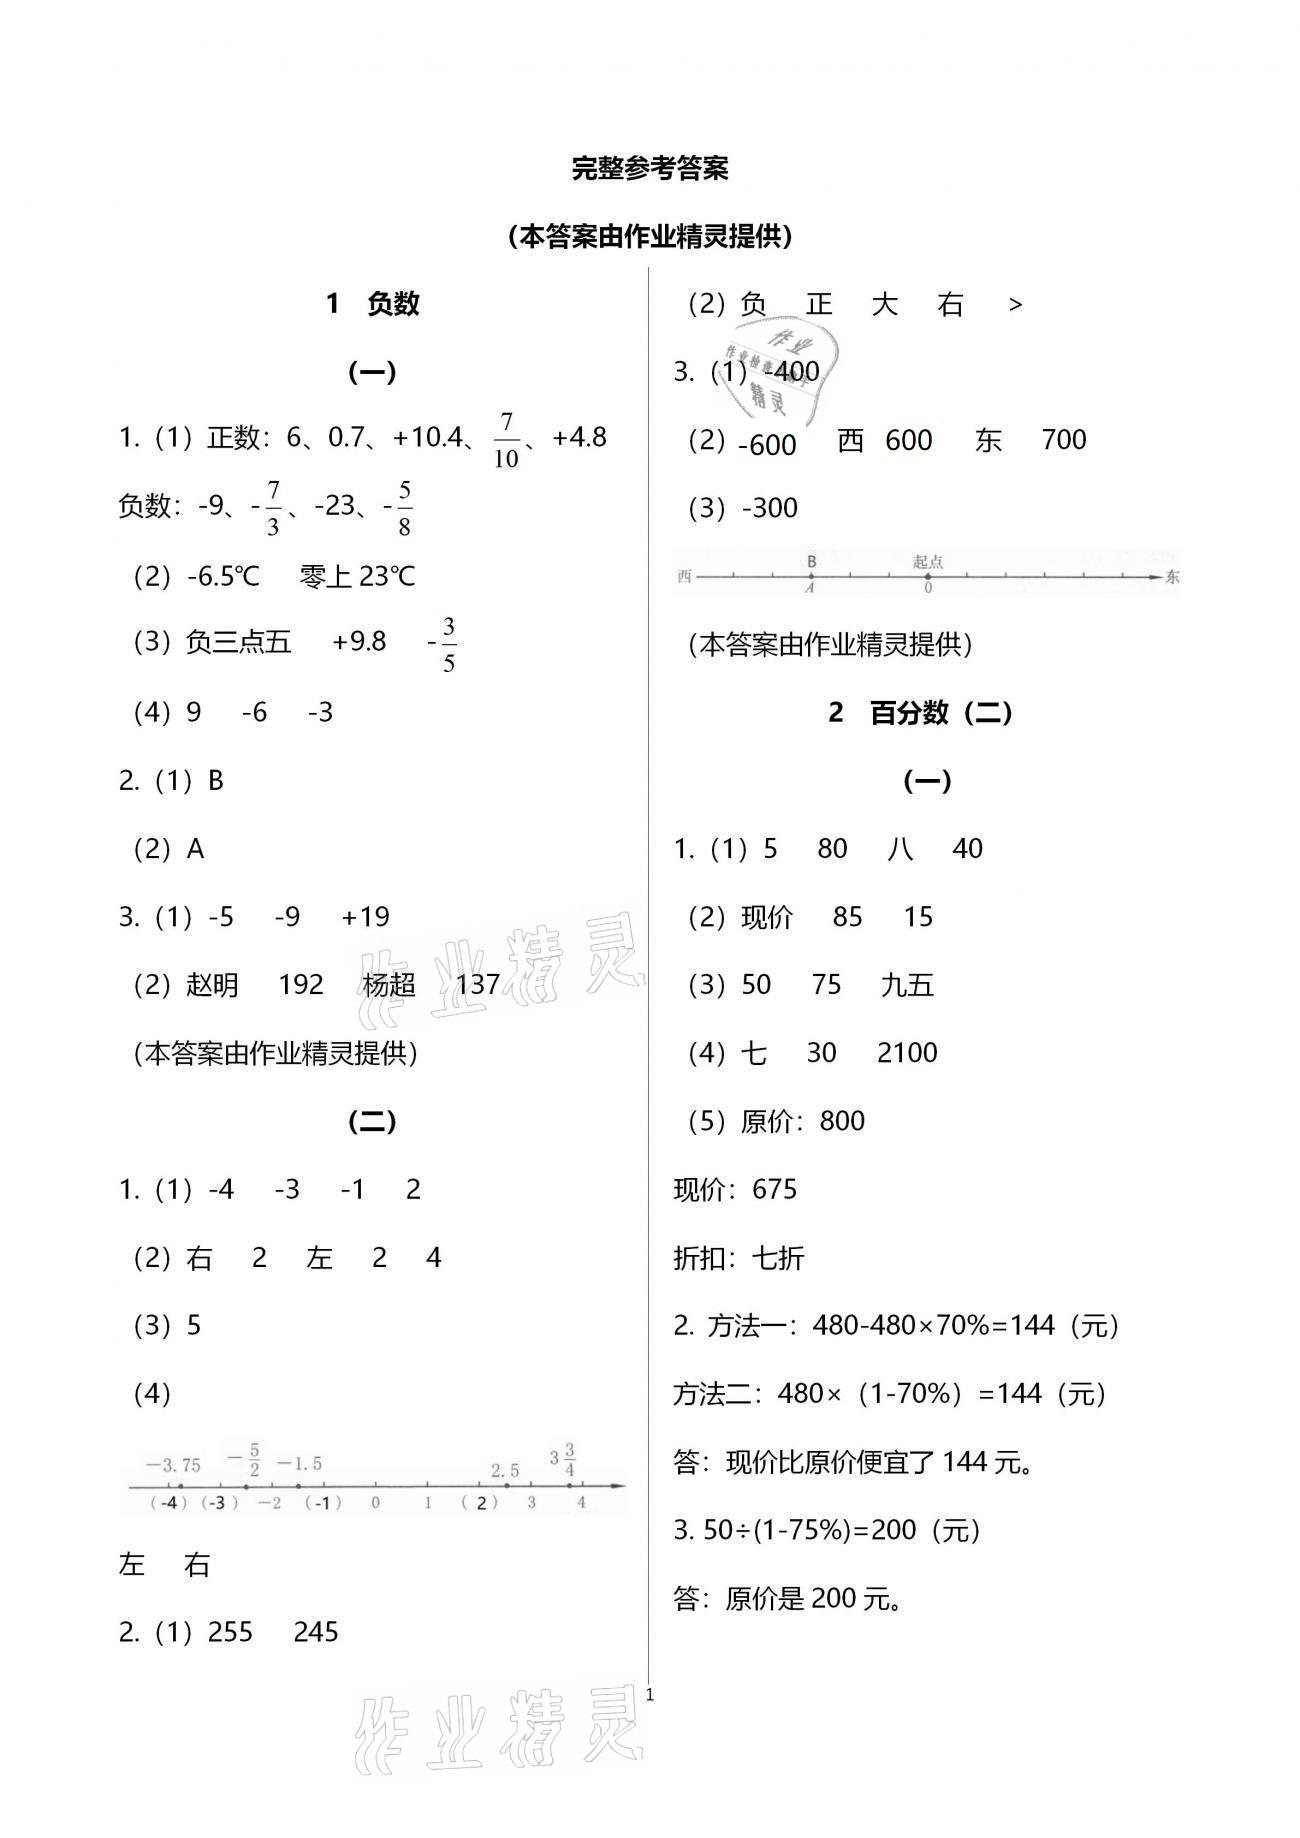 2021年作业本六年级数学下册人教版浙江教育出版社参考答案第1页